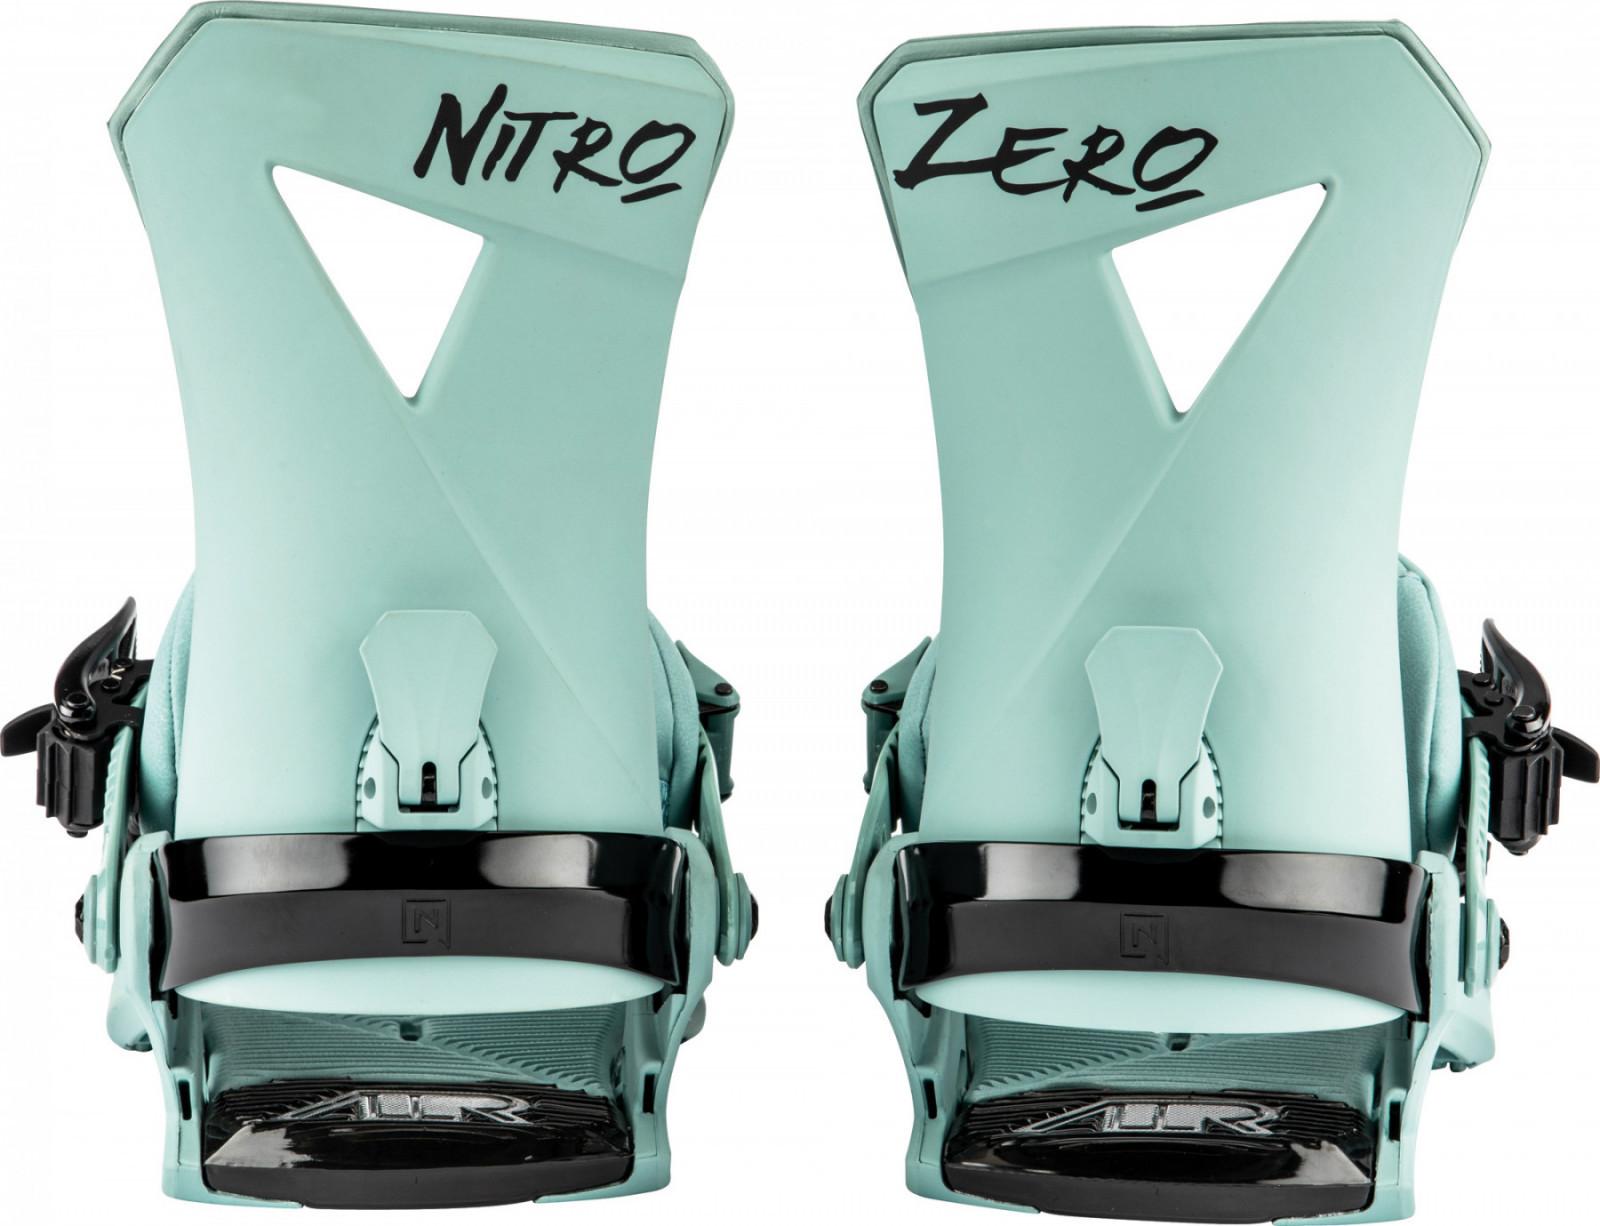 Nitro ZERO - Silt 2019/2020.